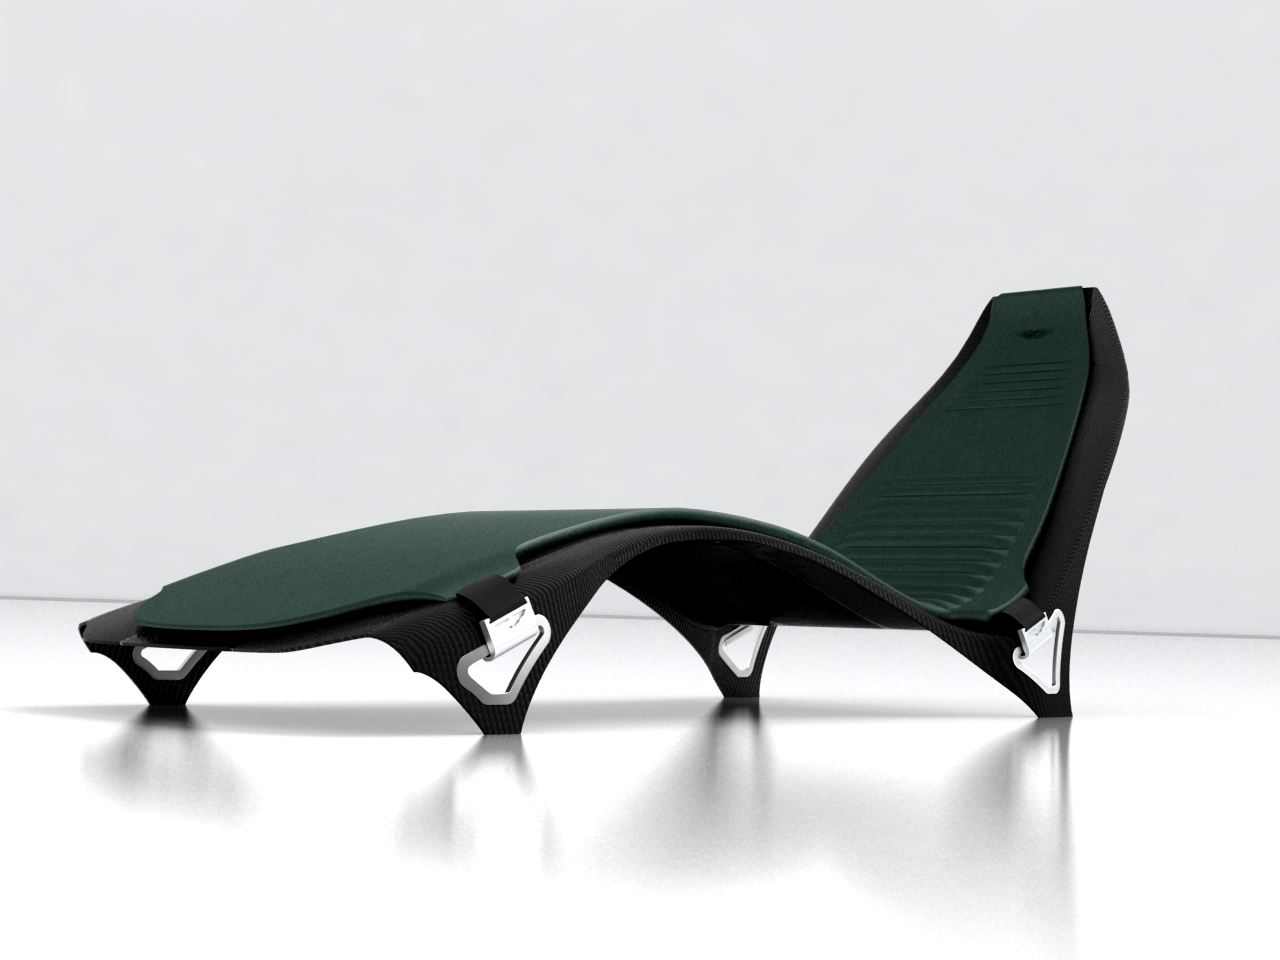 meubles design aston martin Résultat Supérieur 50 Luxe Meuble Design Stock 2018 Ojr7